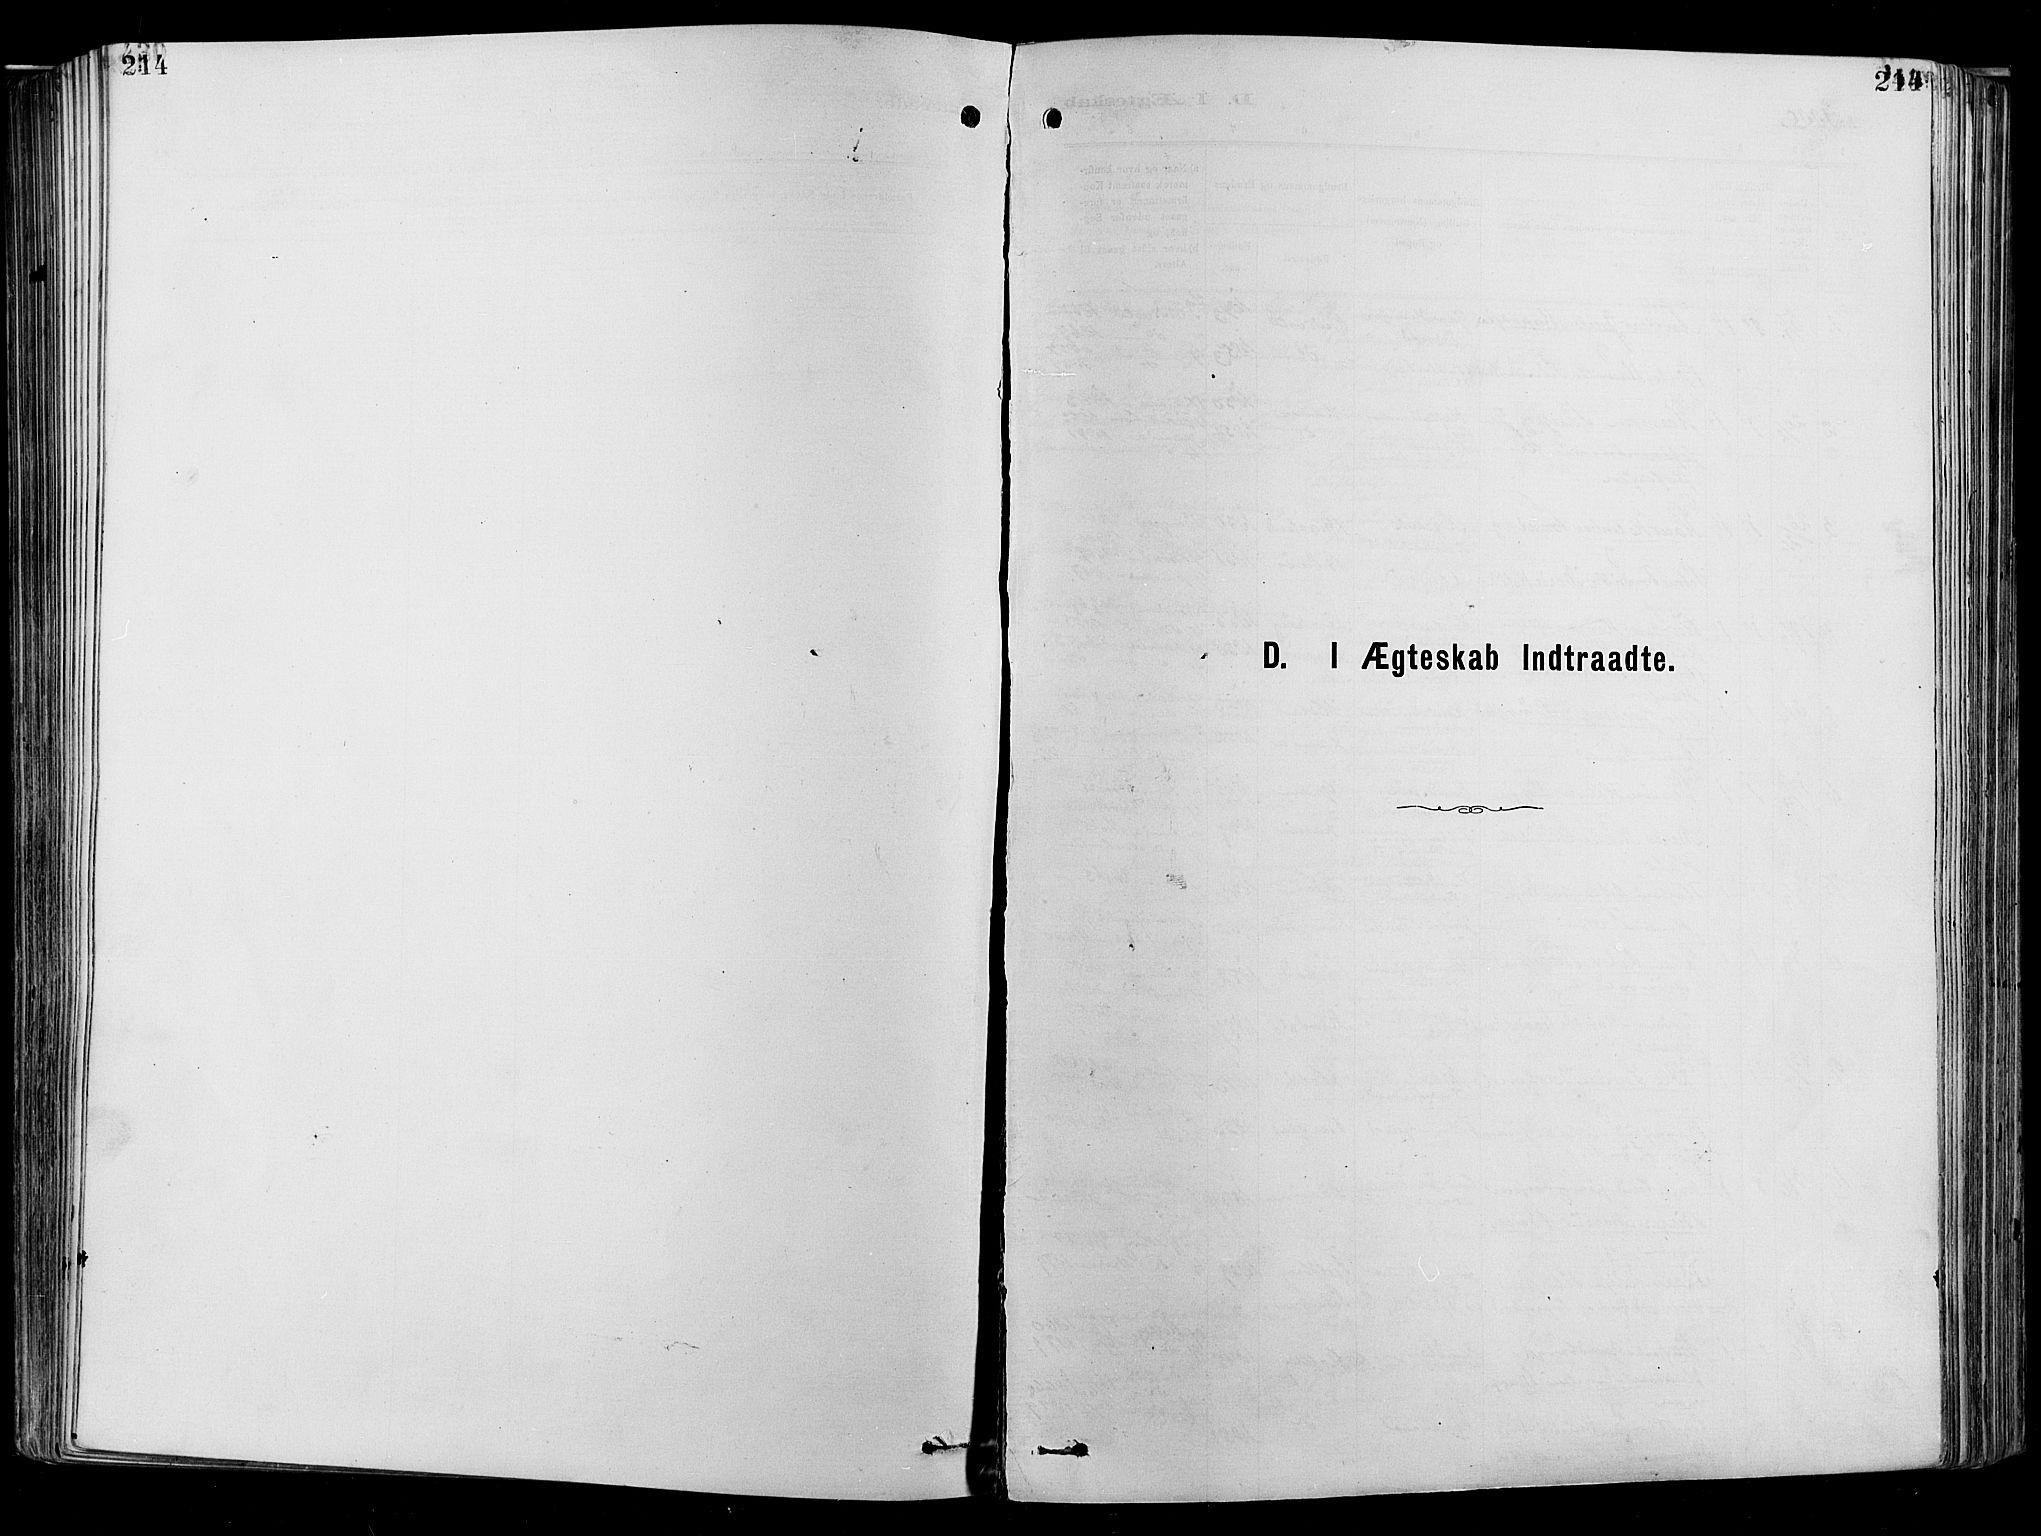 SAO, Garnisonsmenigheten Kirkebøker, F/Fa/L0012: Ministerialbok nr. 12, 1880-1893, s. 214